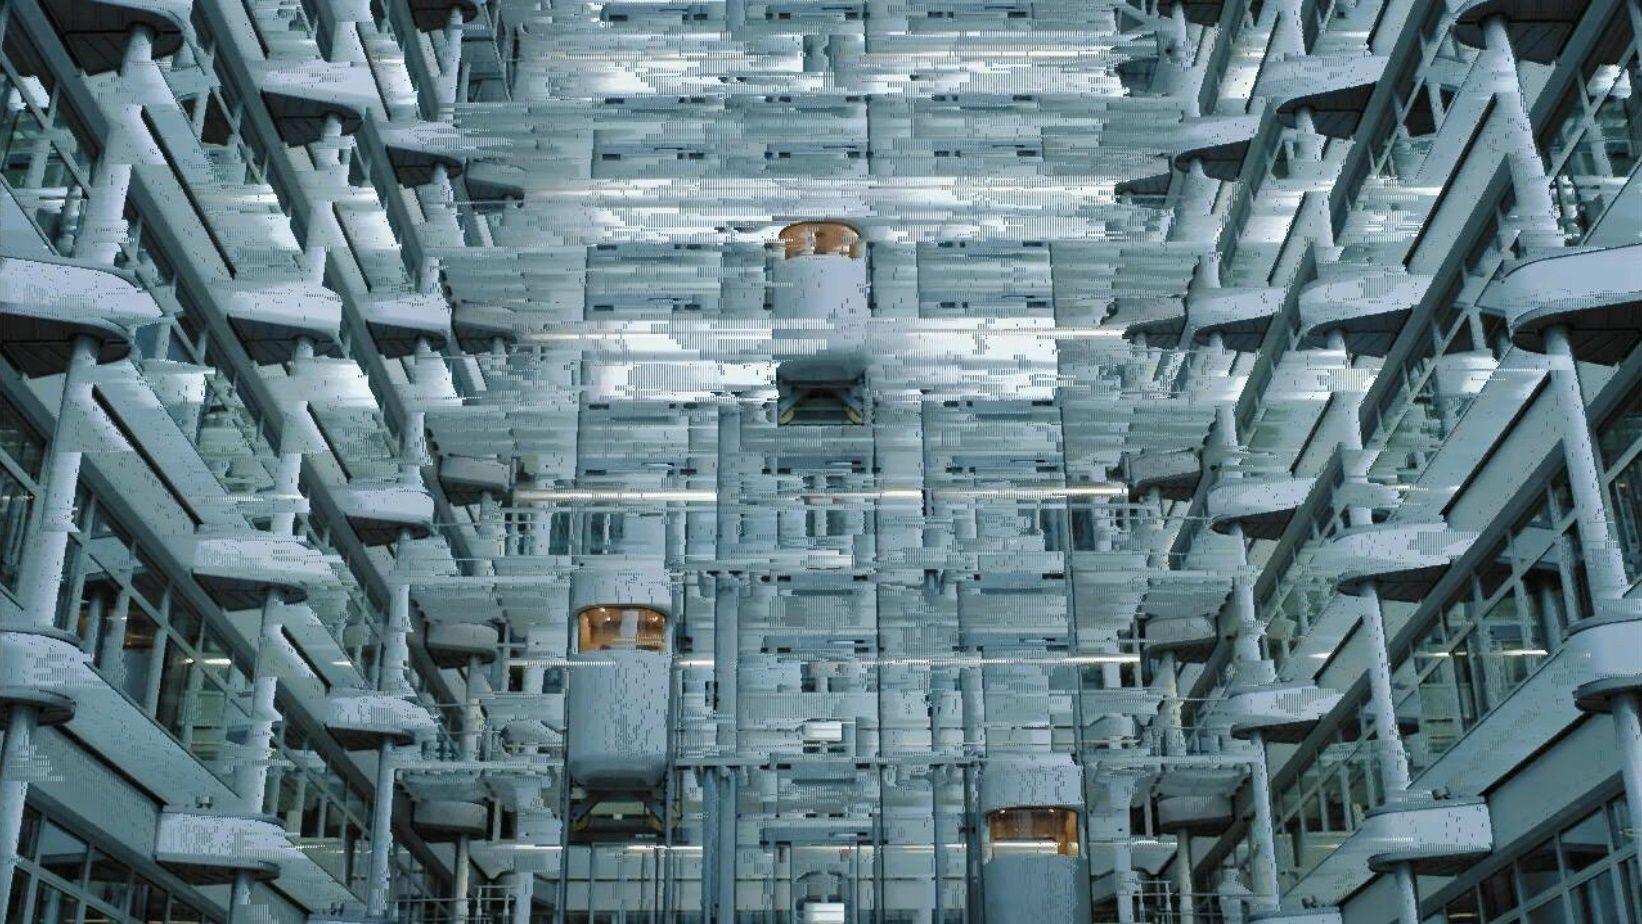 pixelsort-elevators